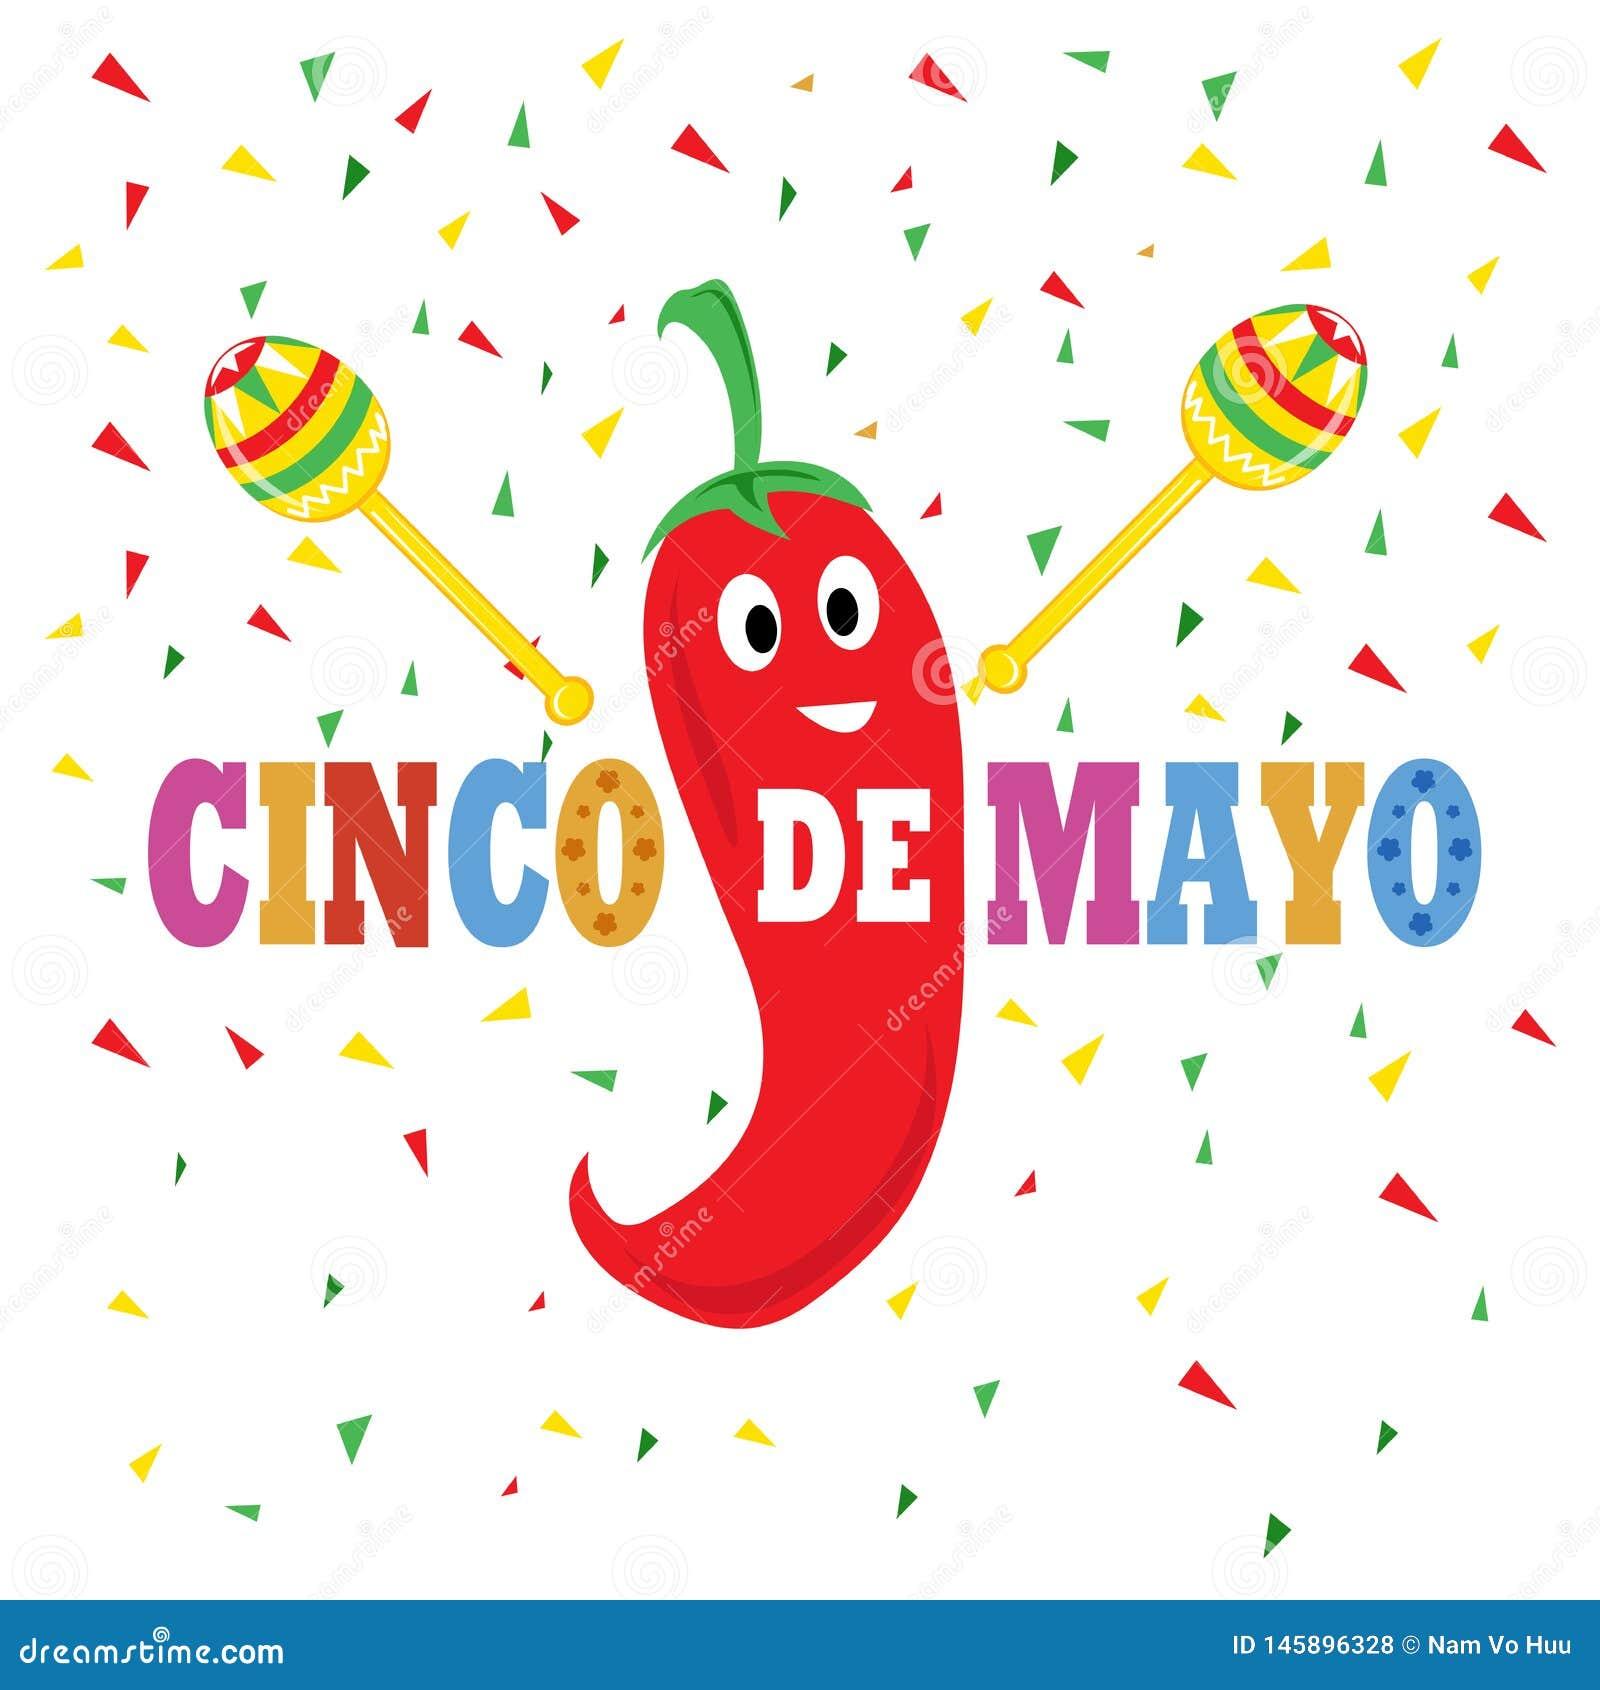 Cinco De Mayo Sign